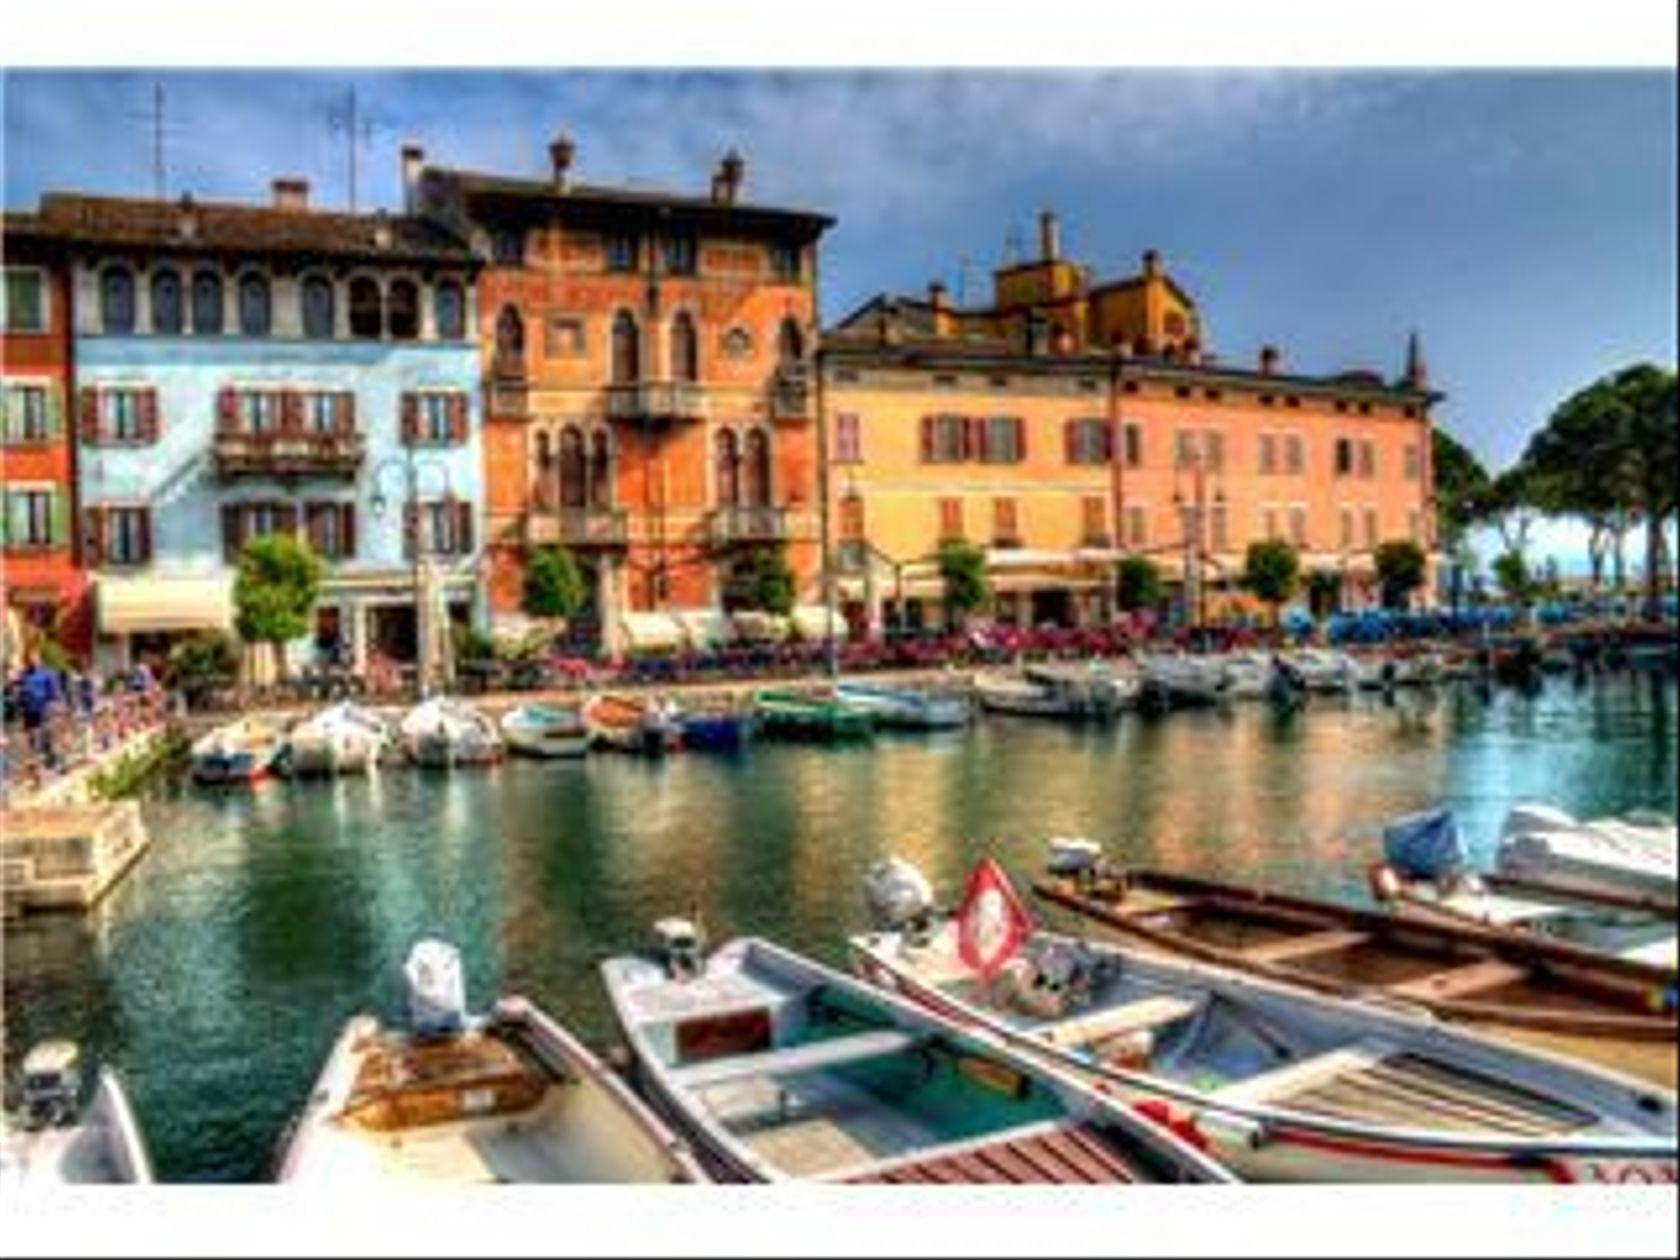 Via Durighello Desenzano Del Garda re/max intermedia 2: agenzia immobiliare desenzano del garda